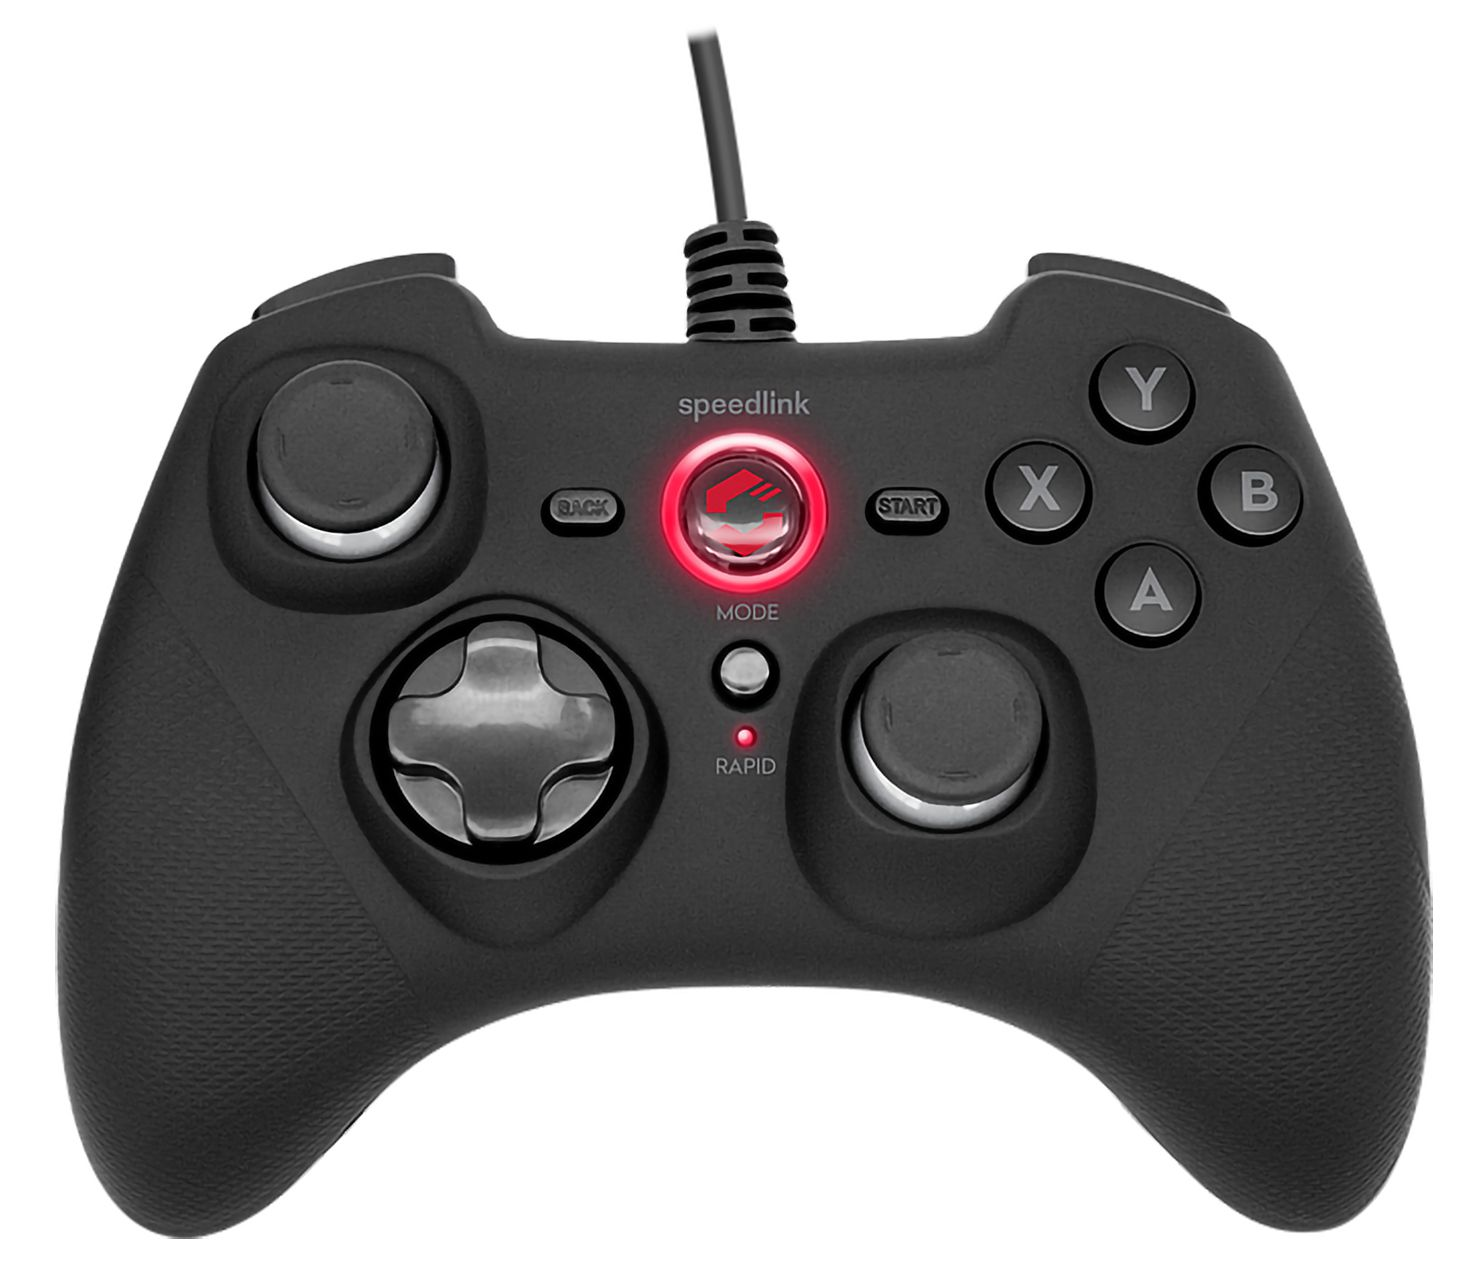 Геймпад Speedlink RAIT Gamepad проводной игровой Black Rubber для PC (SL-650010-BK) геймпад speedlink strike nx gamepad wireless беспроводной для pc sl 650100 bk 01